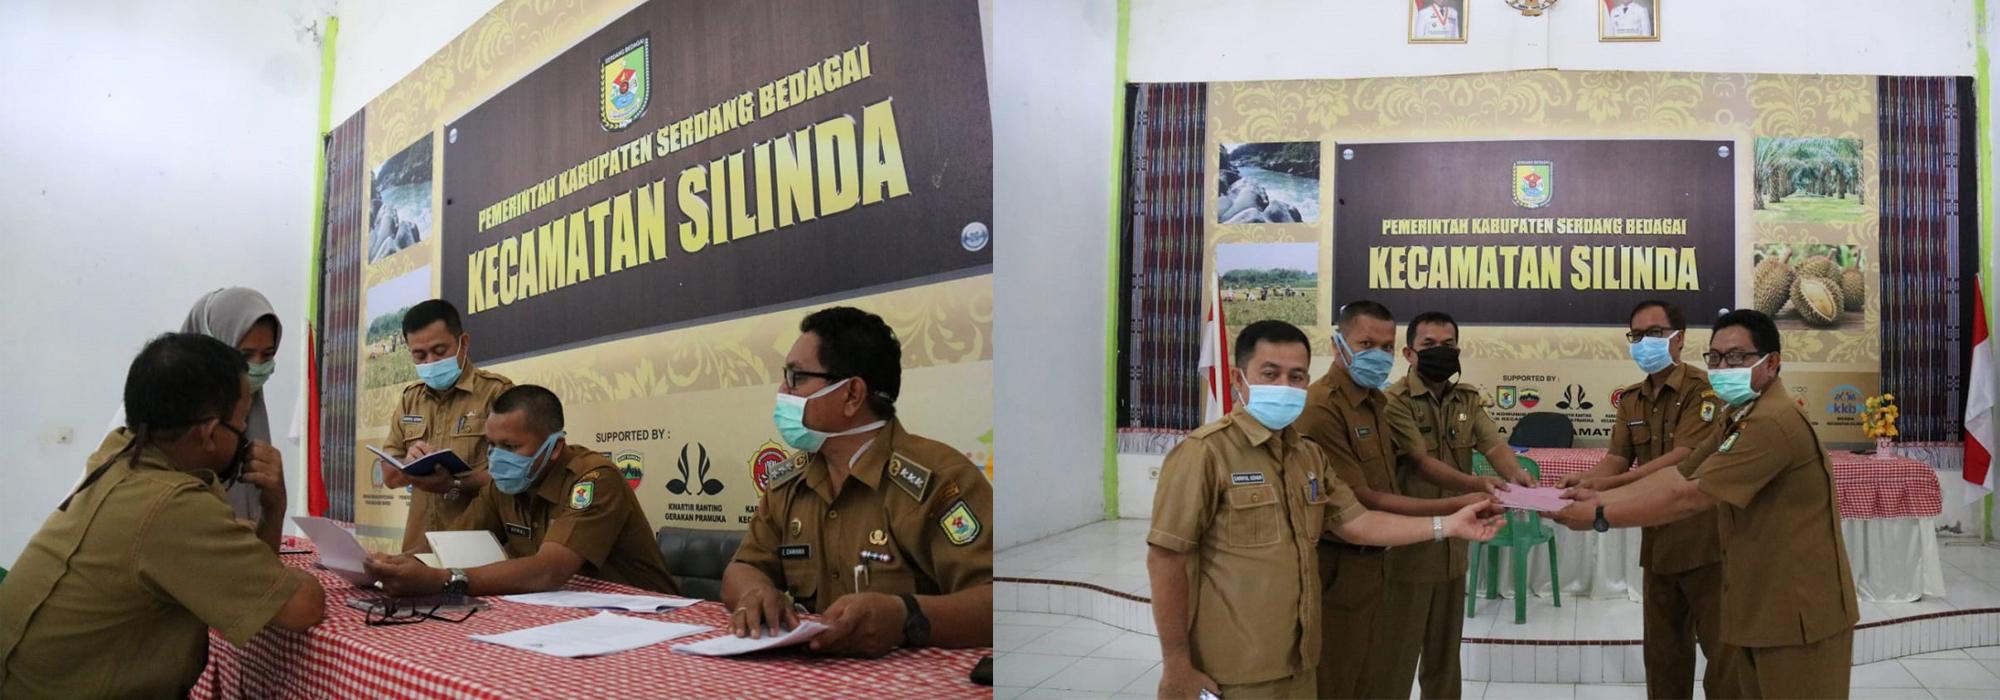 Pendataan JPS, Kadis Kominfo Laksanakan Monitoring di Kecamatan Silinda